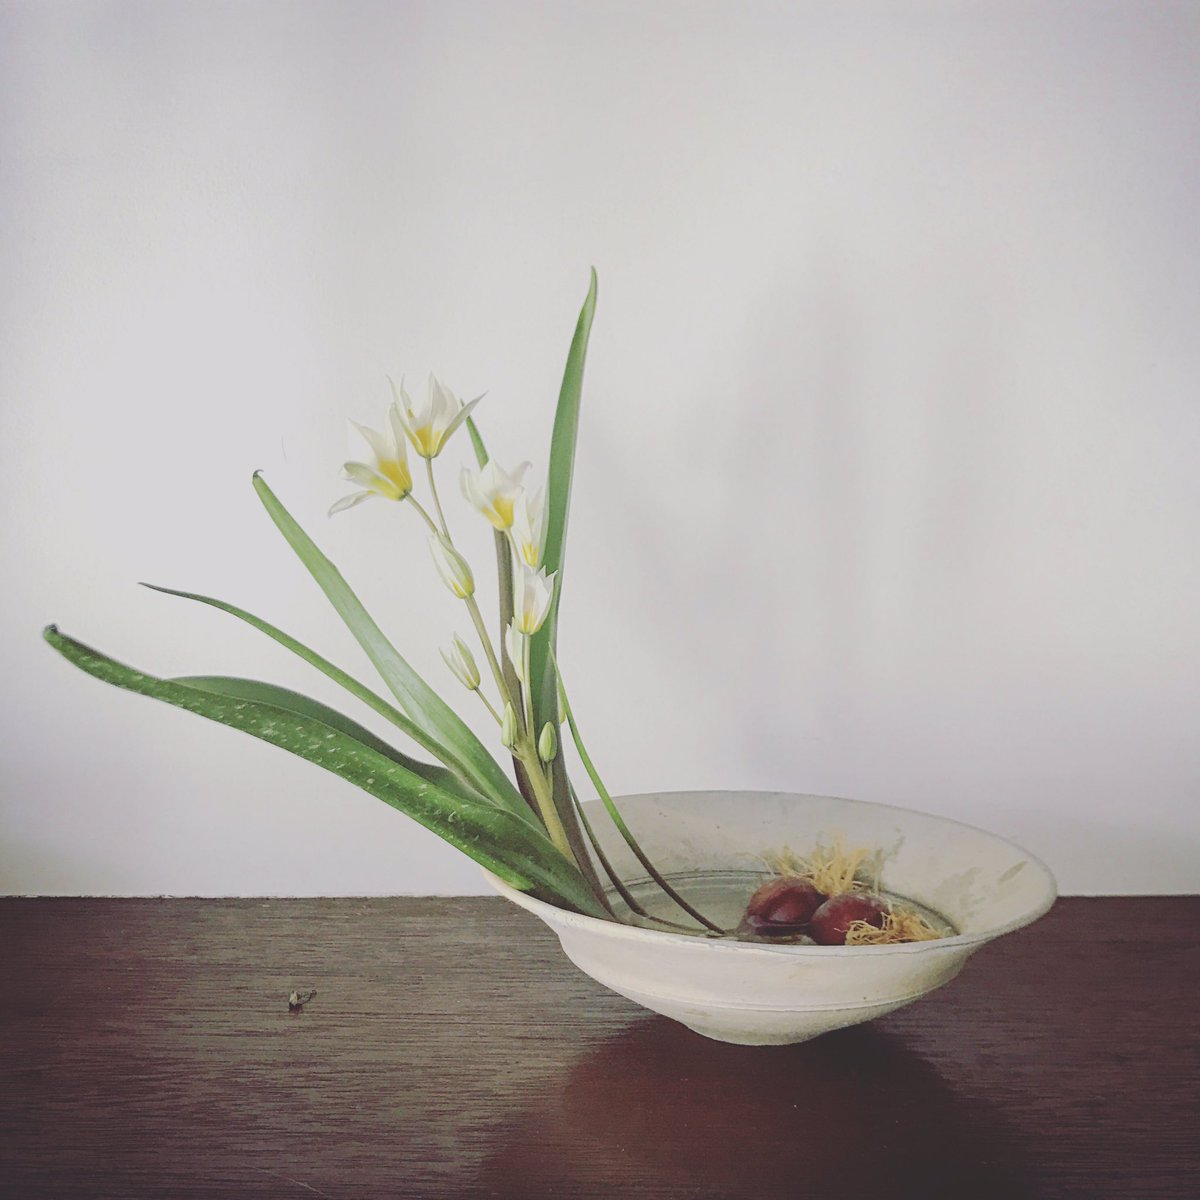 おはようございます。 チューリップの原種。 佇まいが気に入ってます。 https://t.co/sKOww15jTC